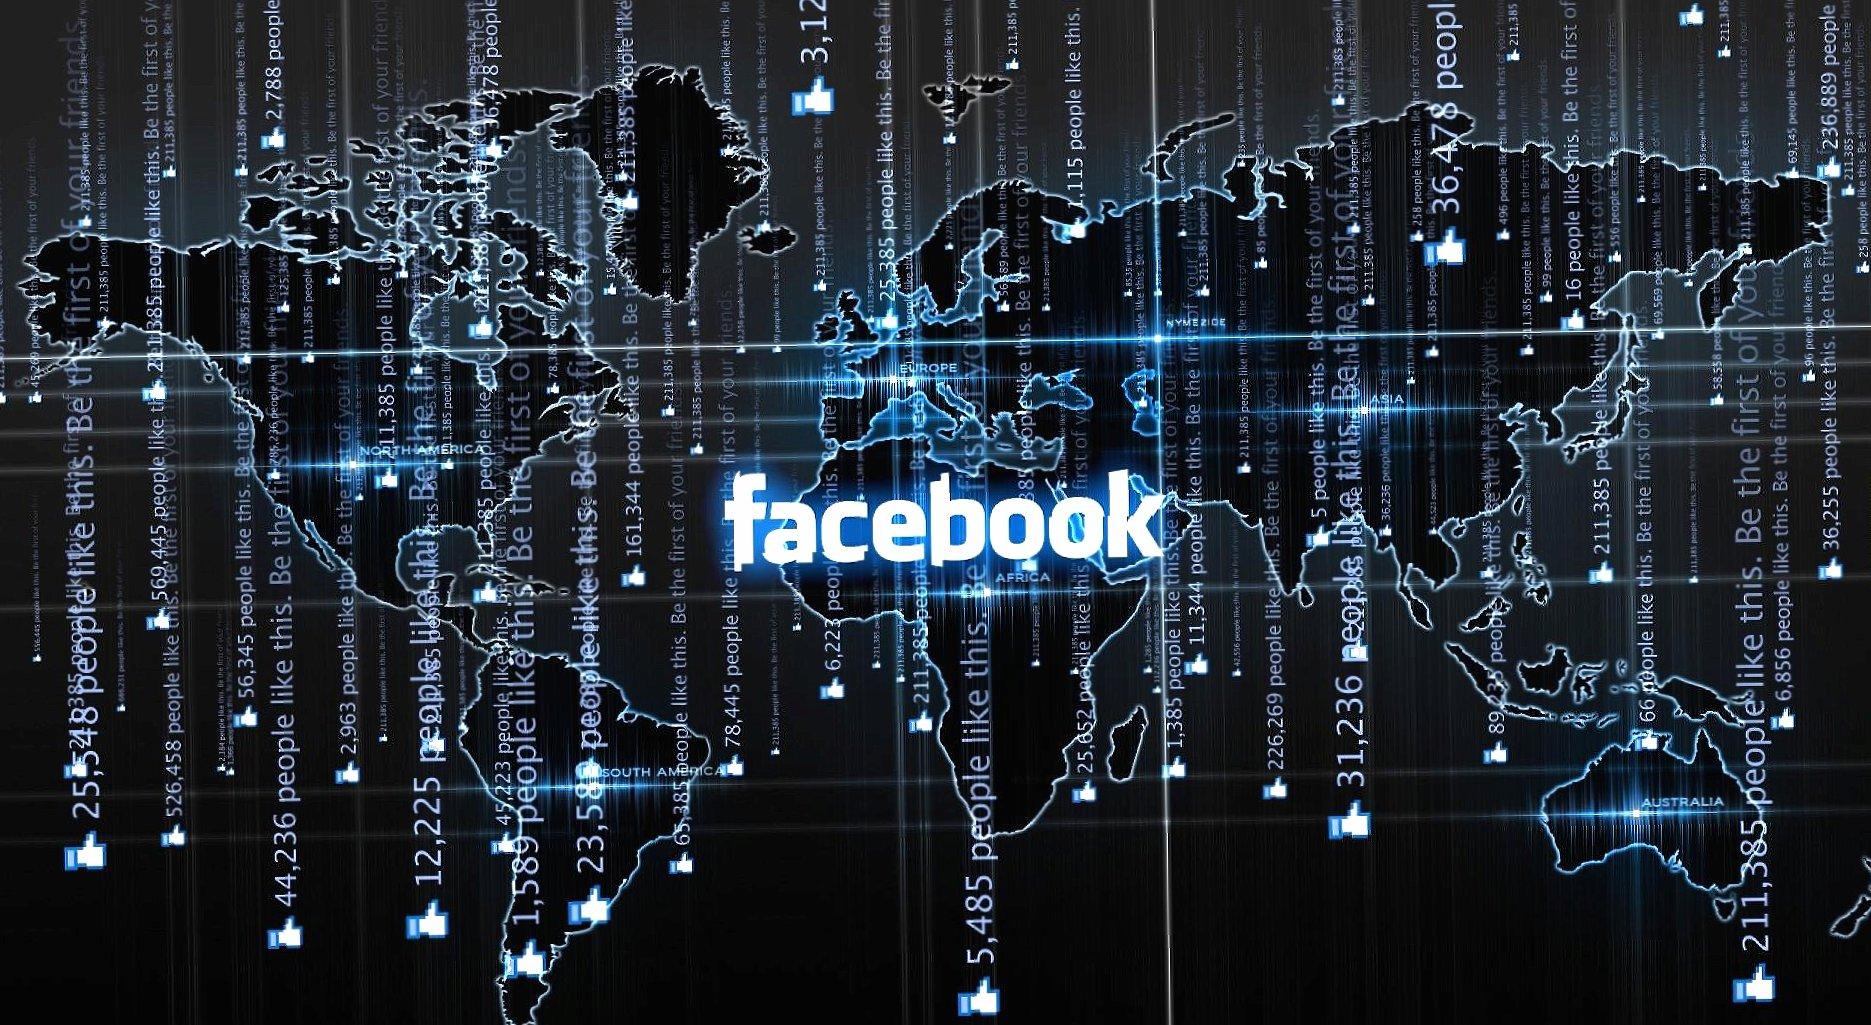 Weird facebook like matrix wallpapers HD quality